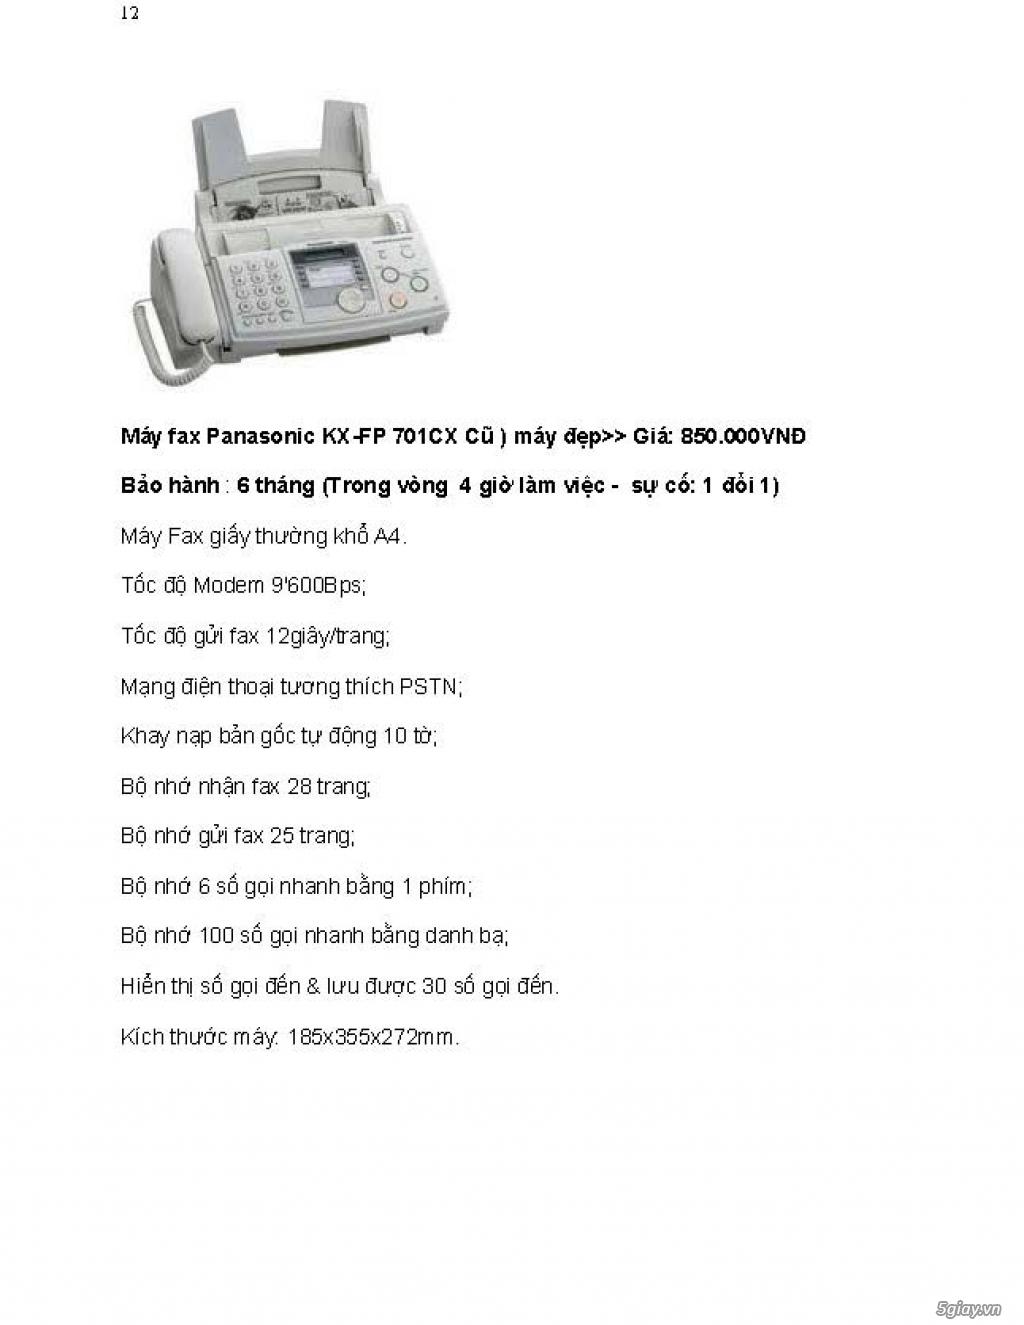 Sửa chữa Bộ Đàm,Máy Fax,Tổng Đài - 23